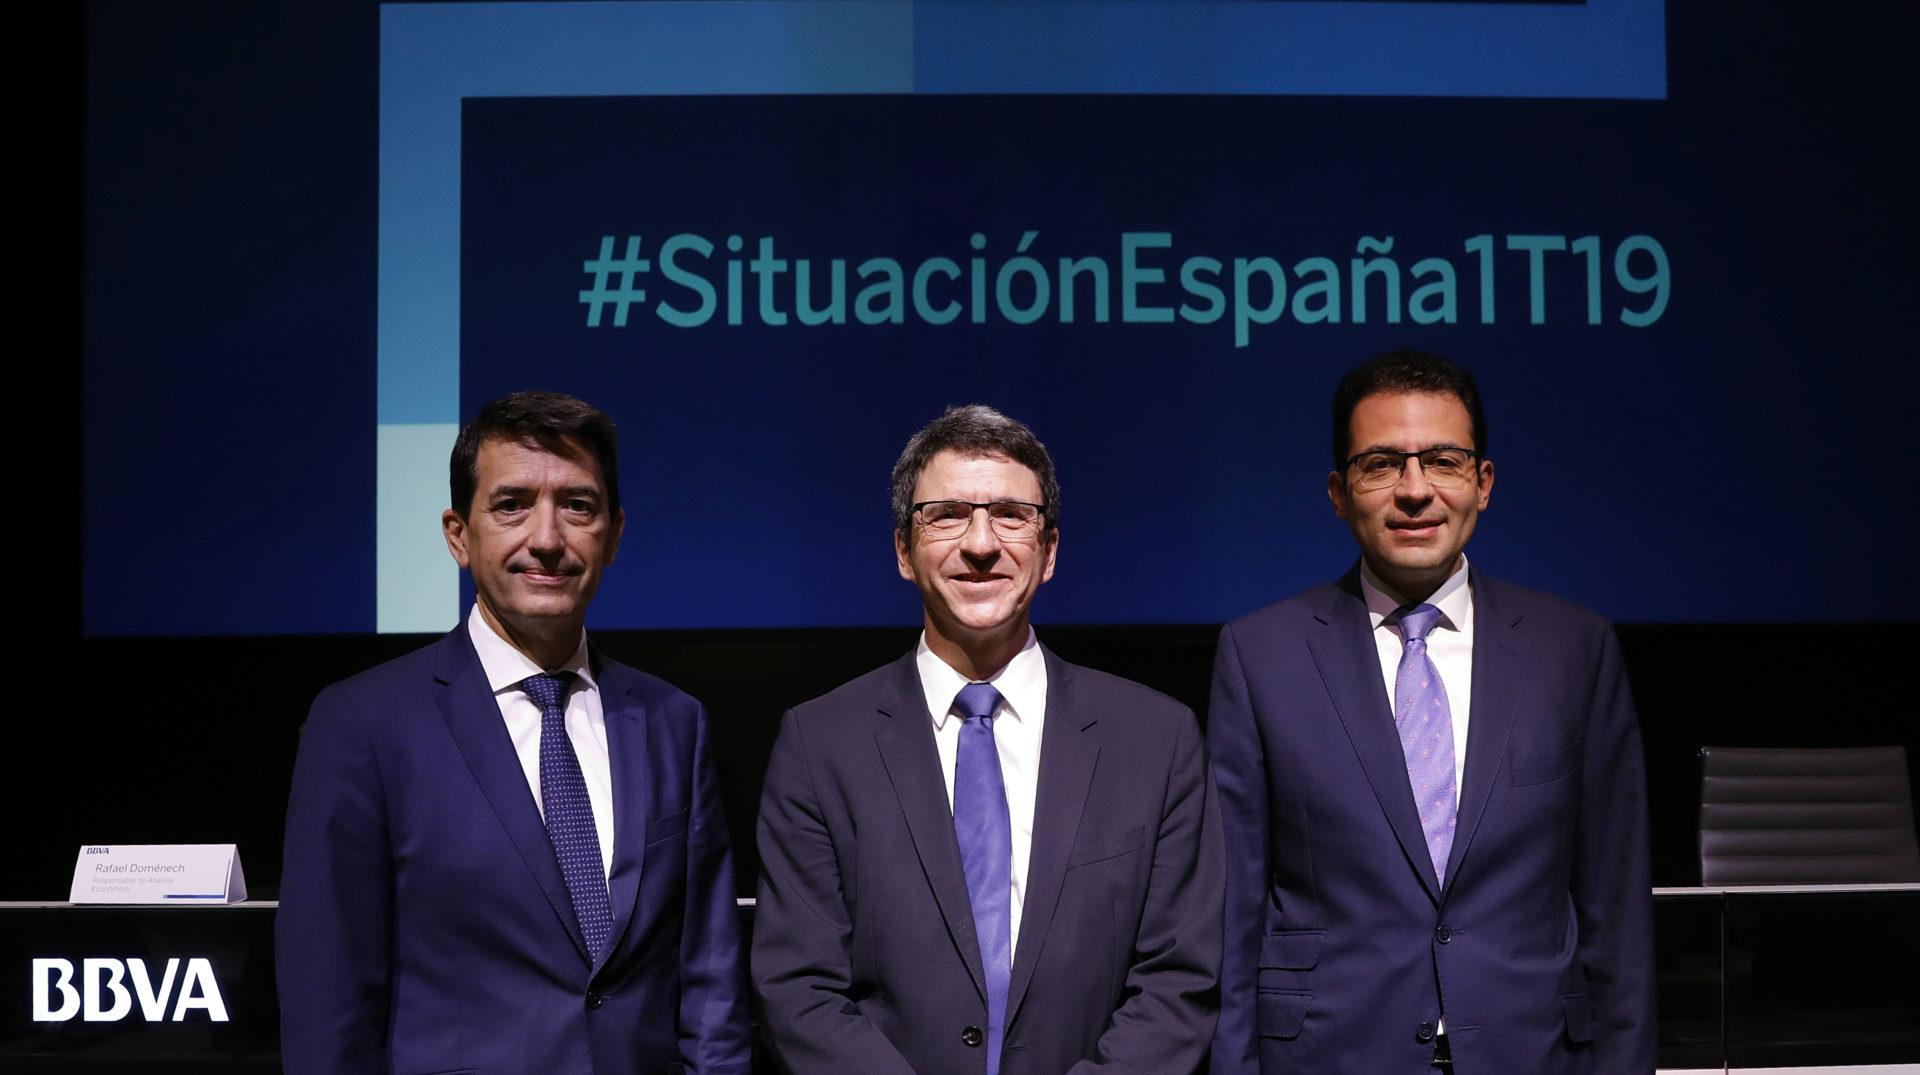 Presentación del informe Situación España de BBVA.